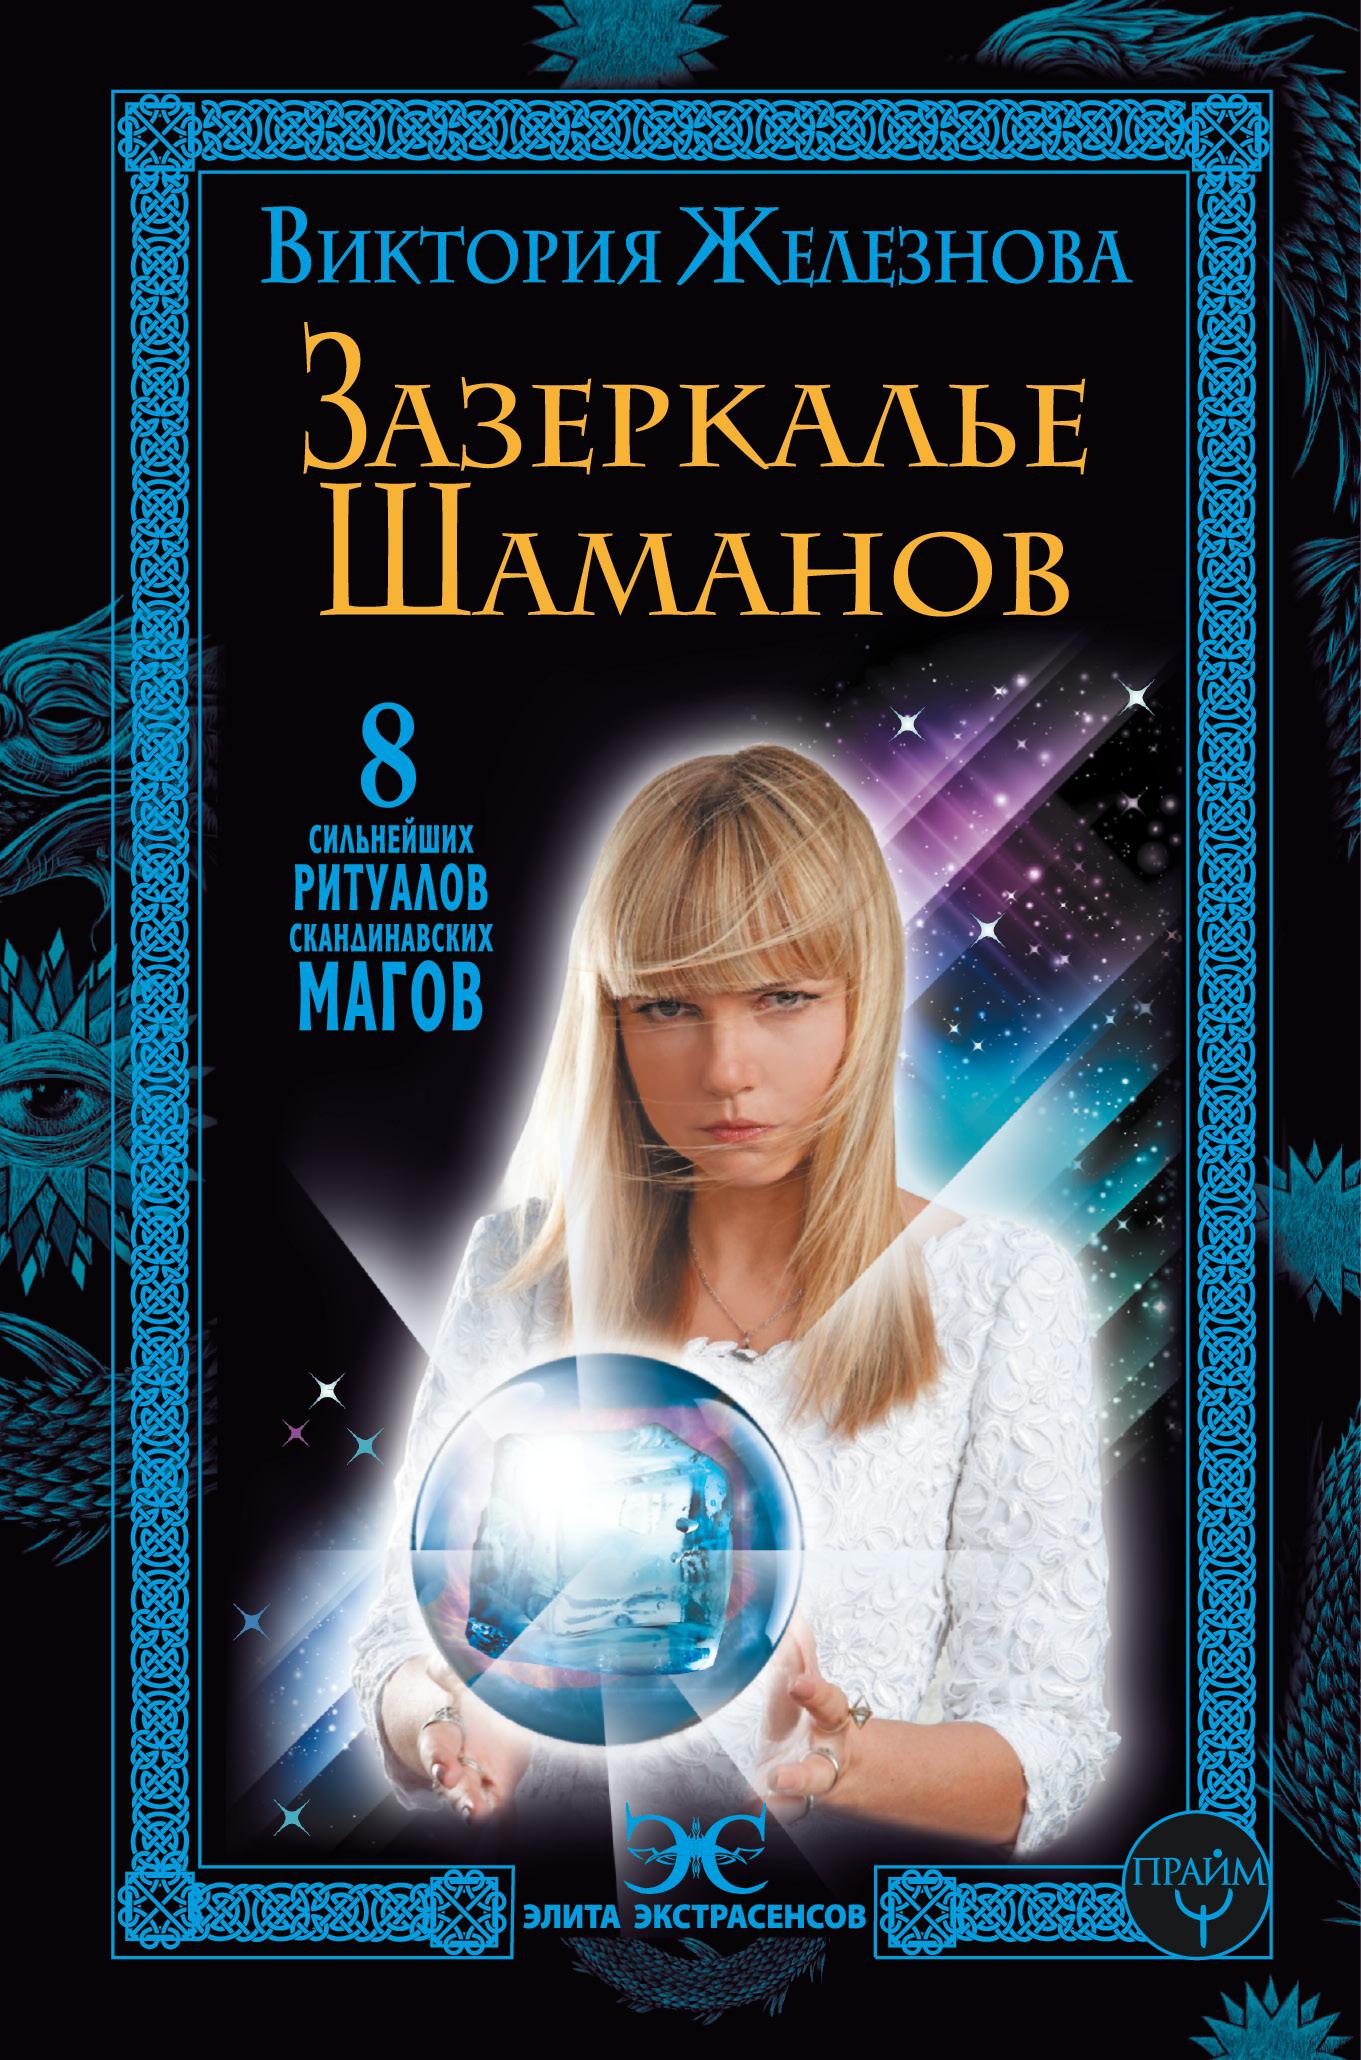 Зазеркалье шаманов. 8 сильнейших ритуалов скандинавских магов от book24.ru